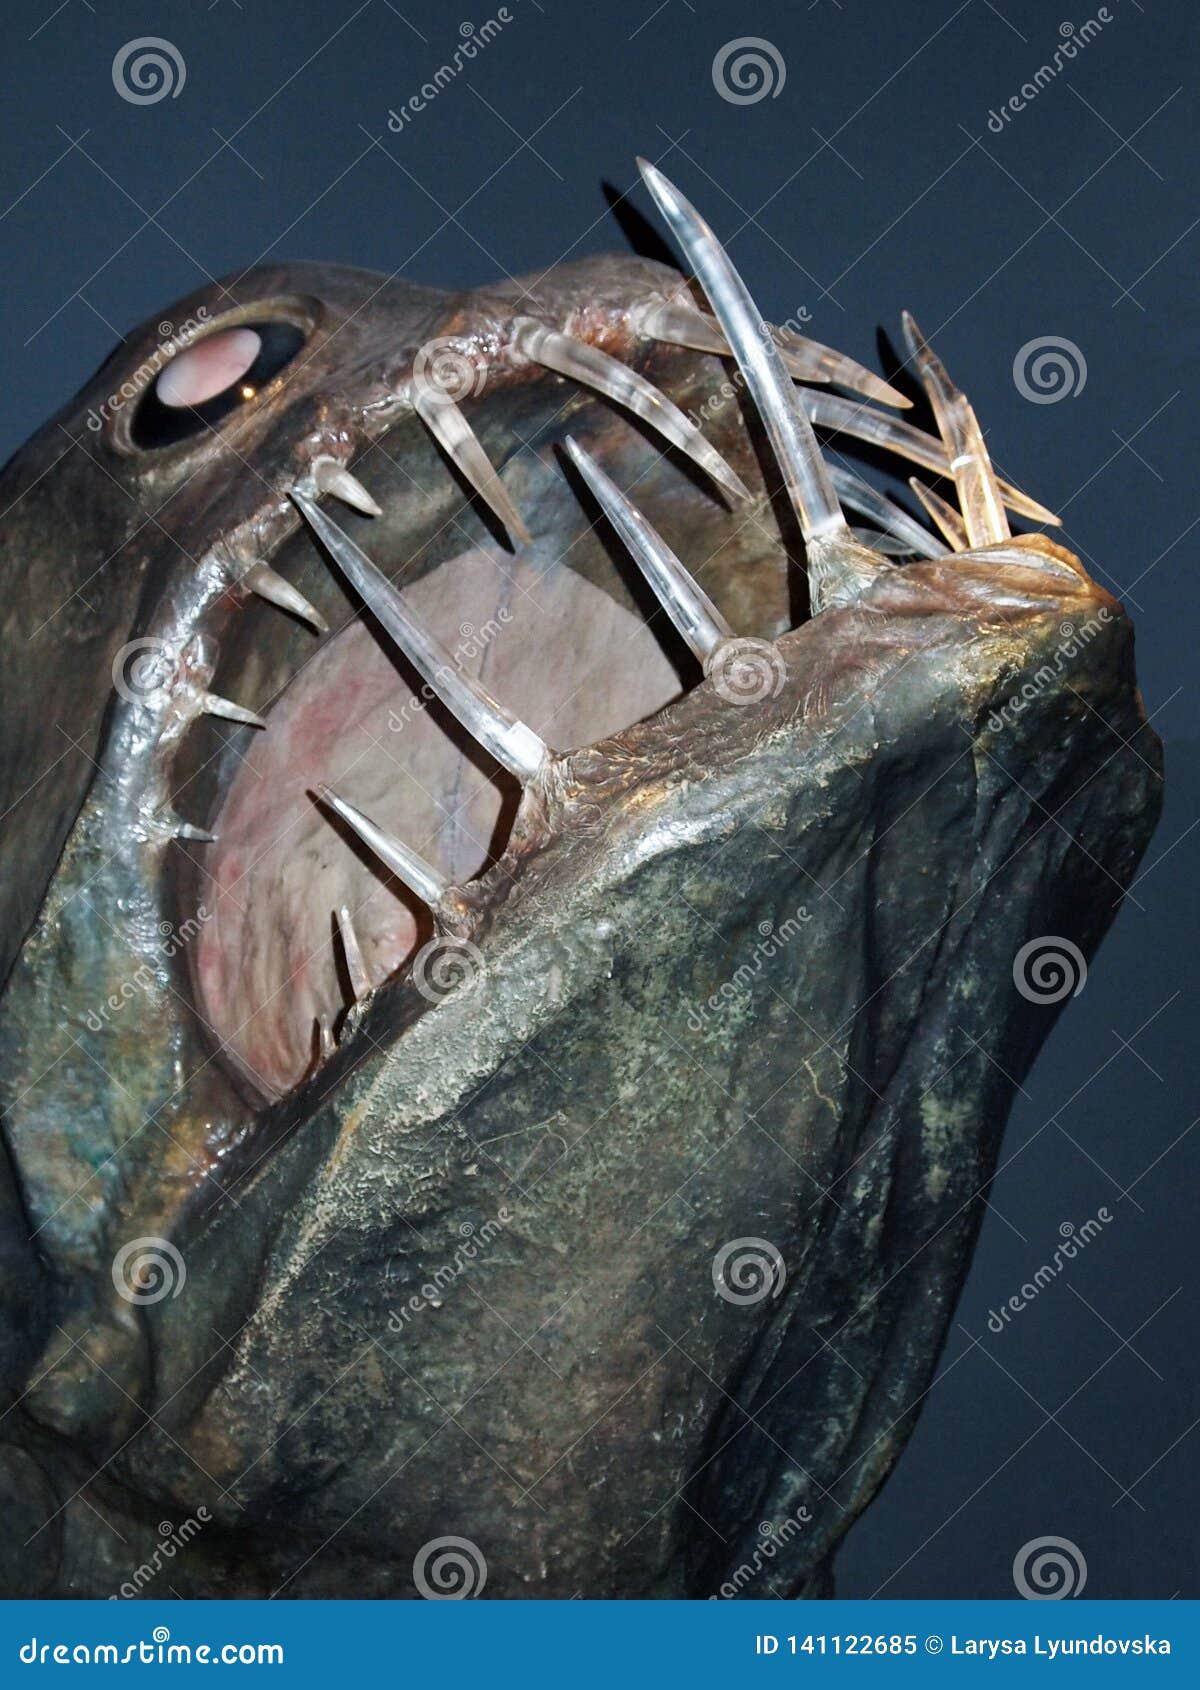 Генуя, Италия, март 2011 Голова ужасной огромной рыбы с большими зубами в аквариуме di Genova Acquario музея